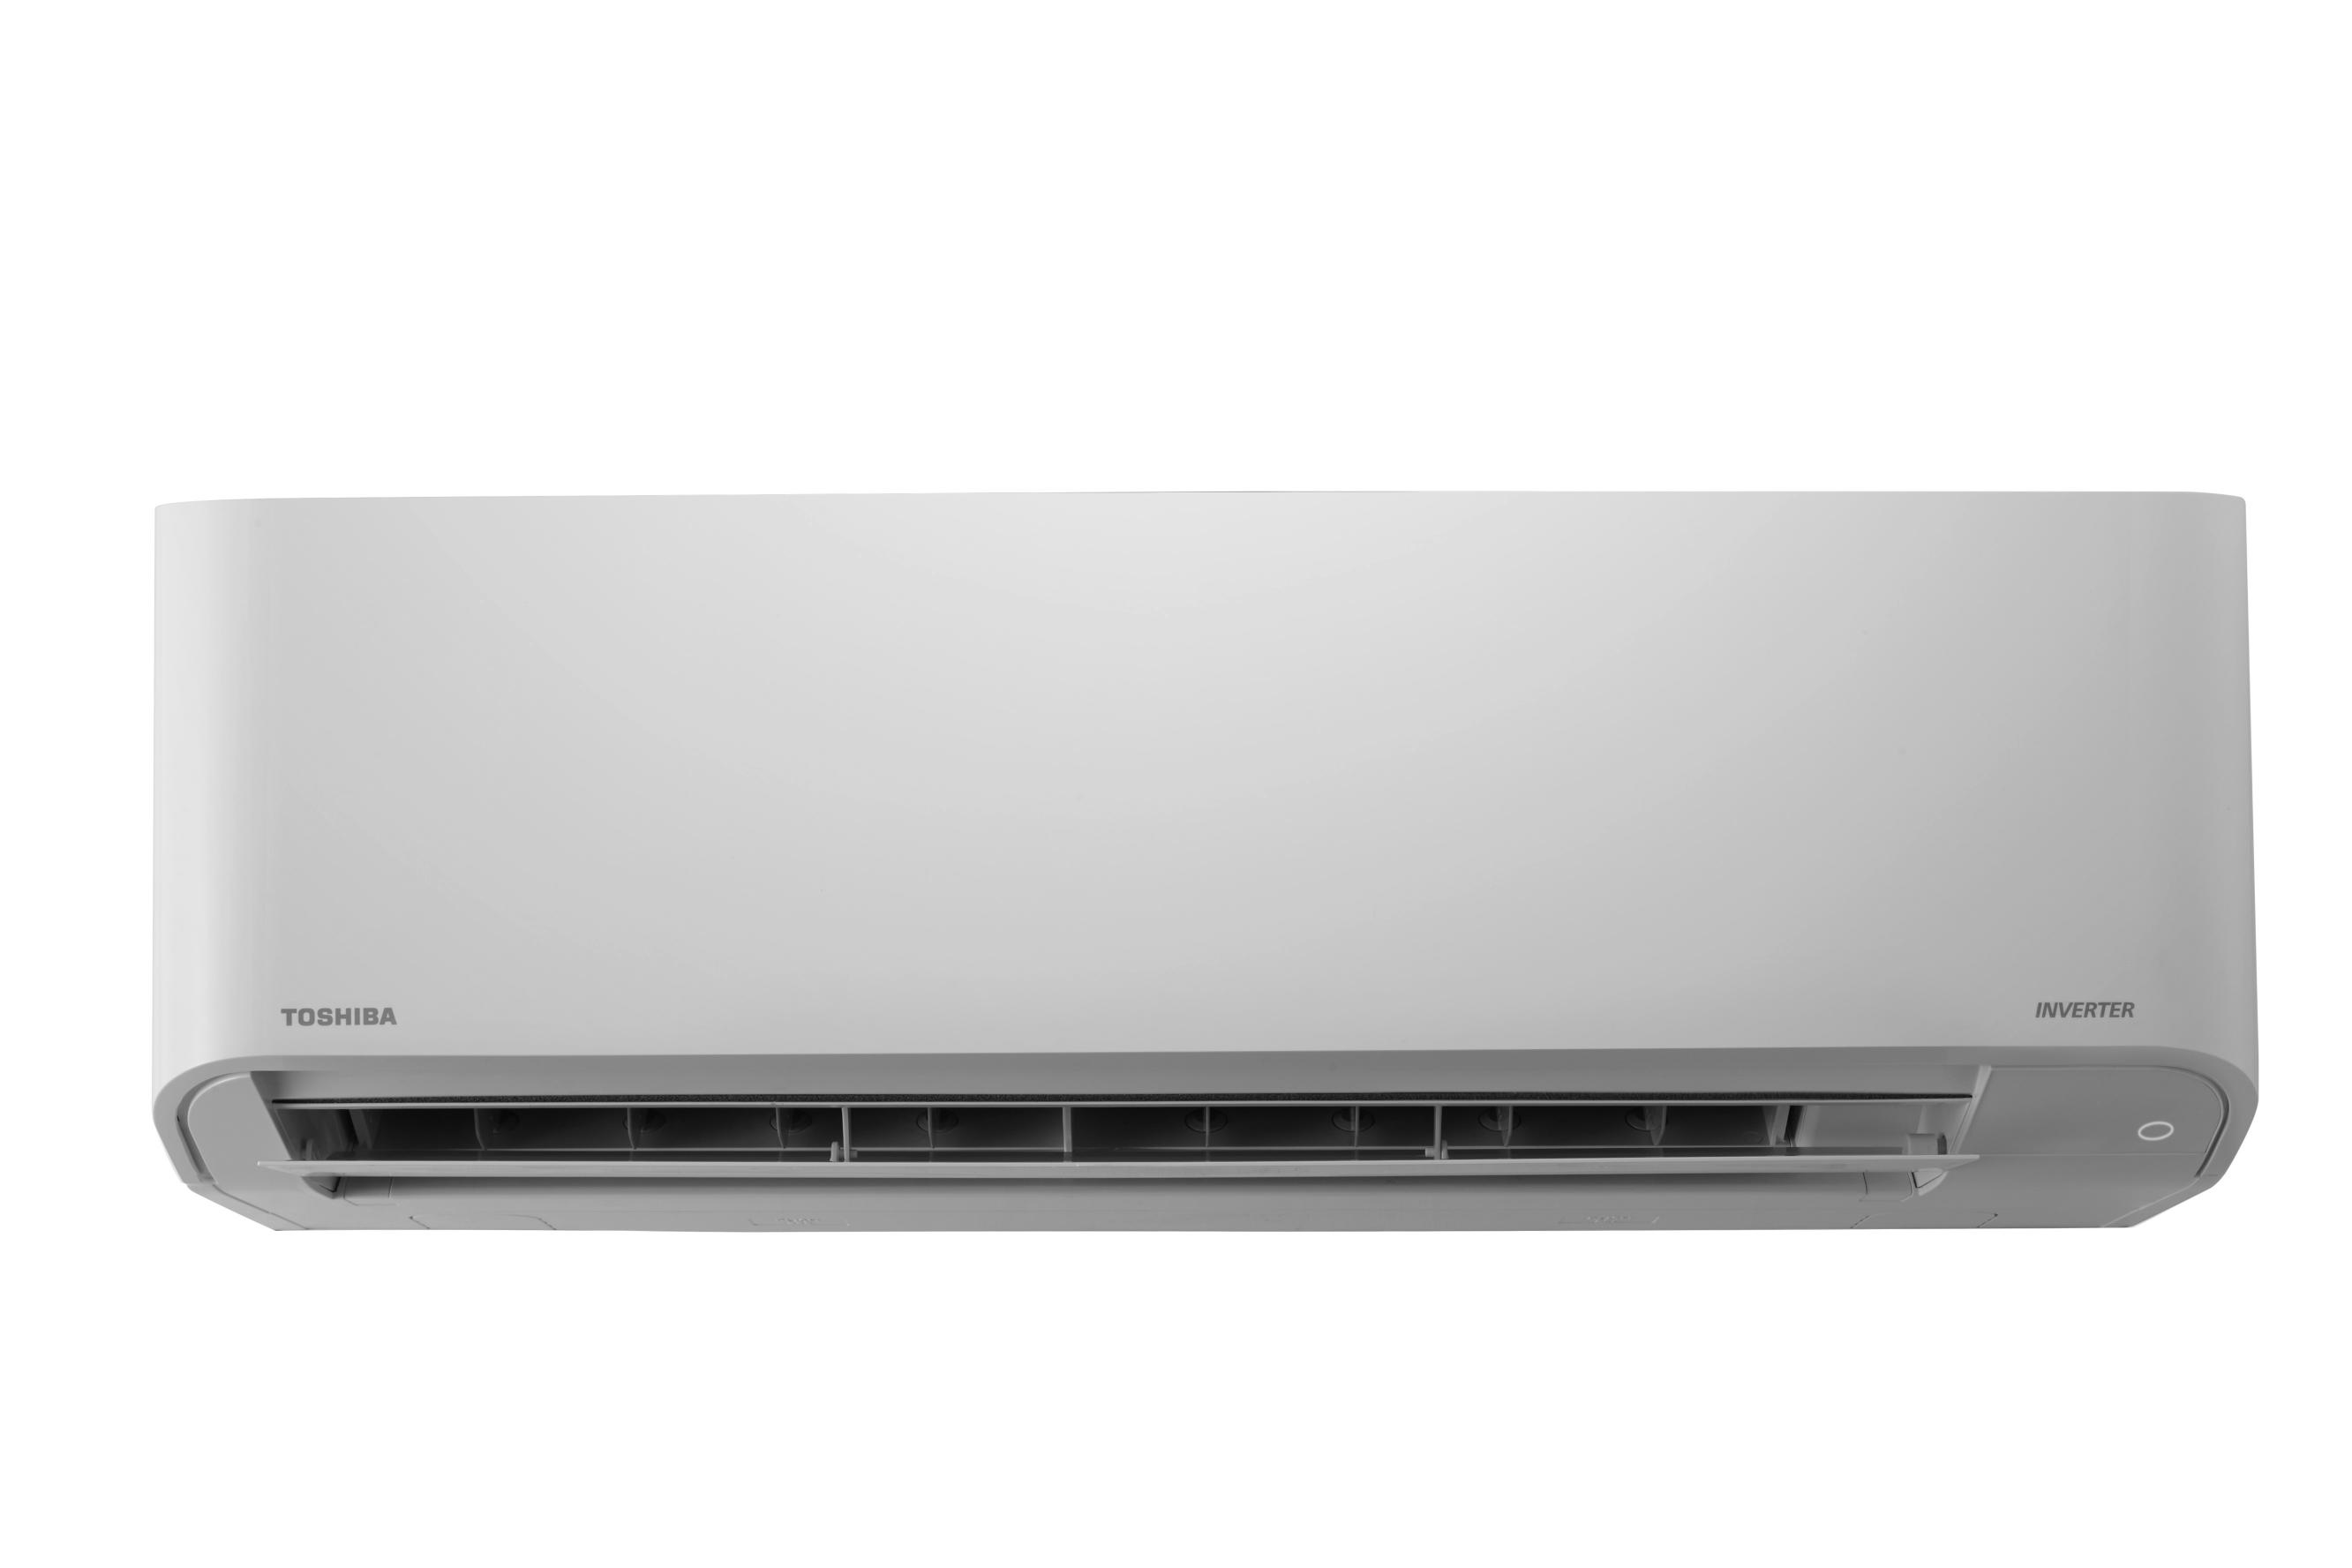 Máy Điều hòa Toshiba 10000BTU 1 chiều inverter RAS-H10U2KSG-V,Điều hòa Toshiba,RAS-H10U2KSG-V